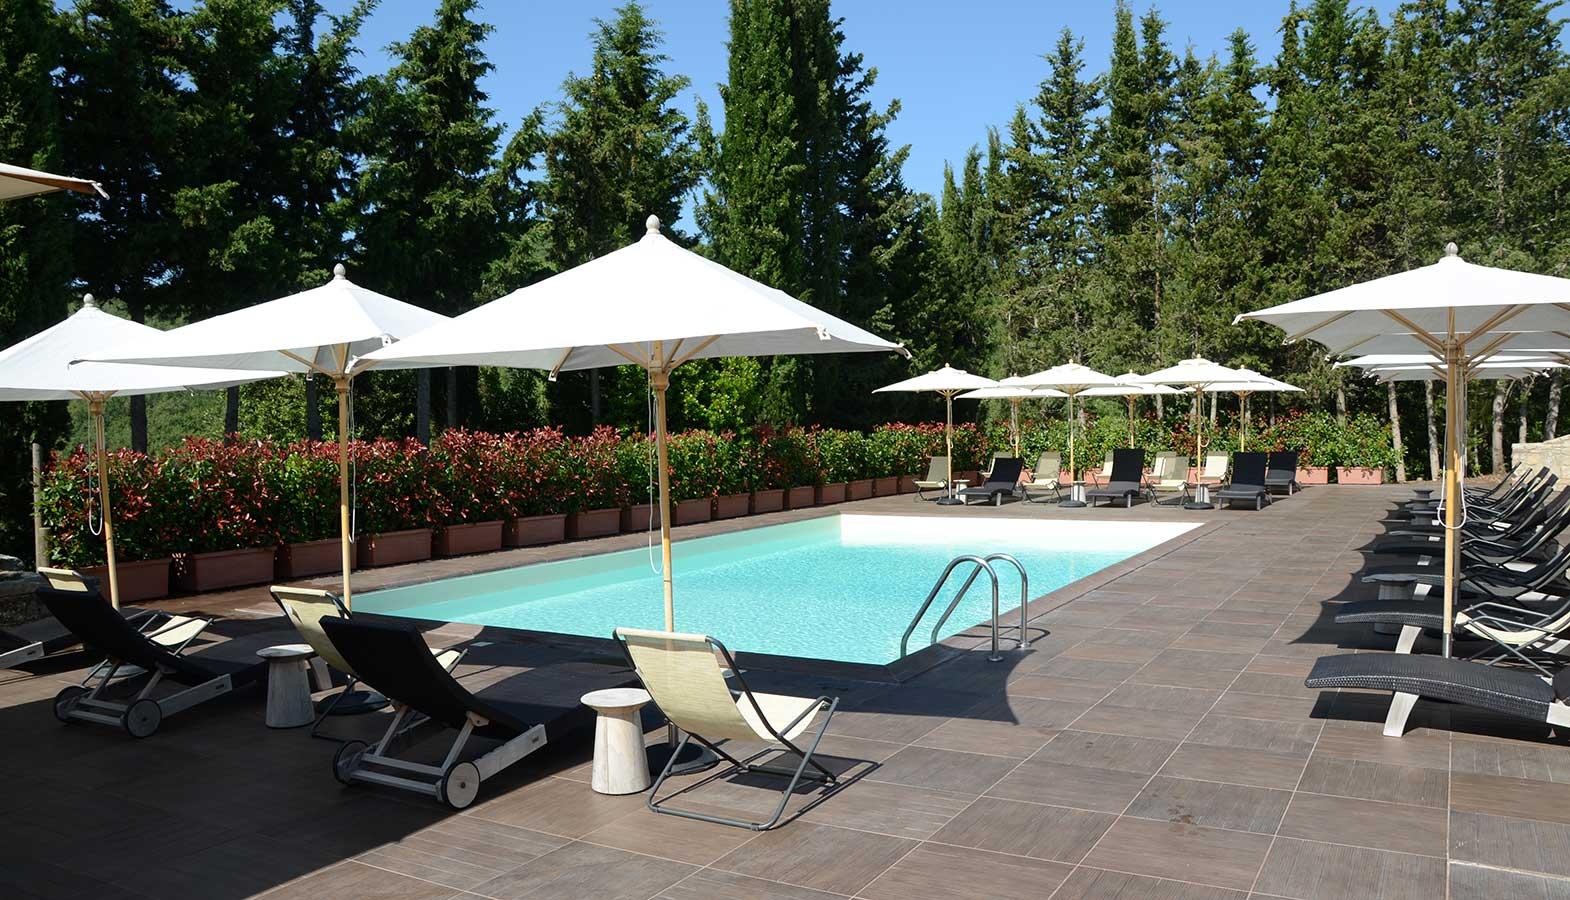 PODERE DI CASALTA - Pool